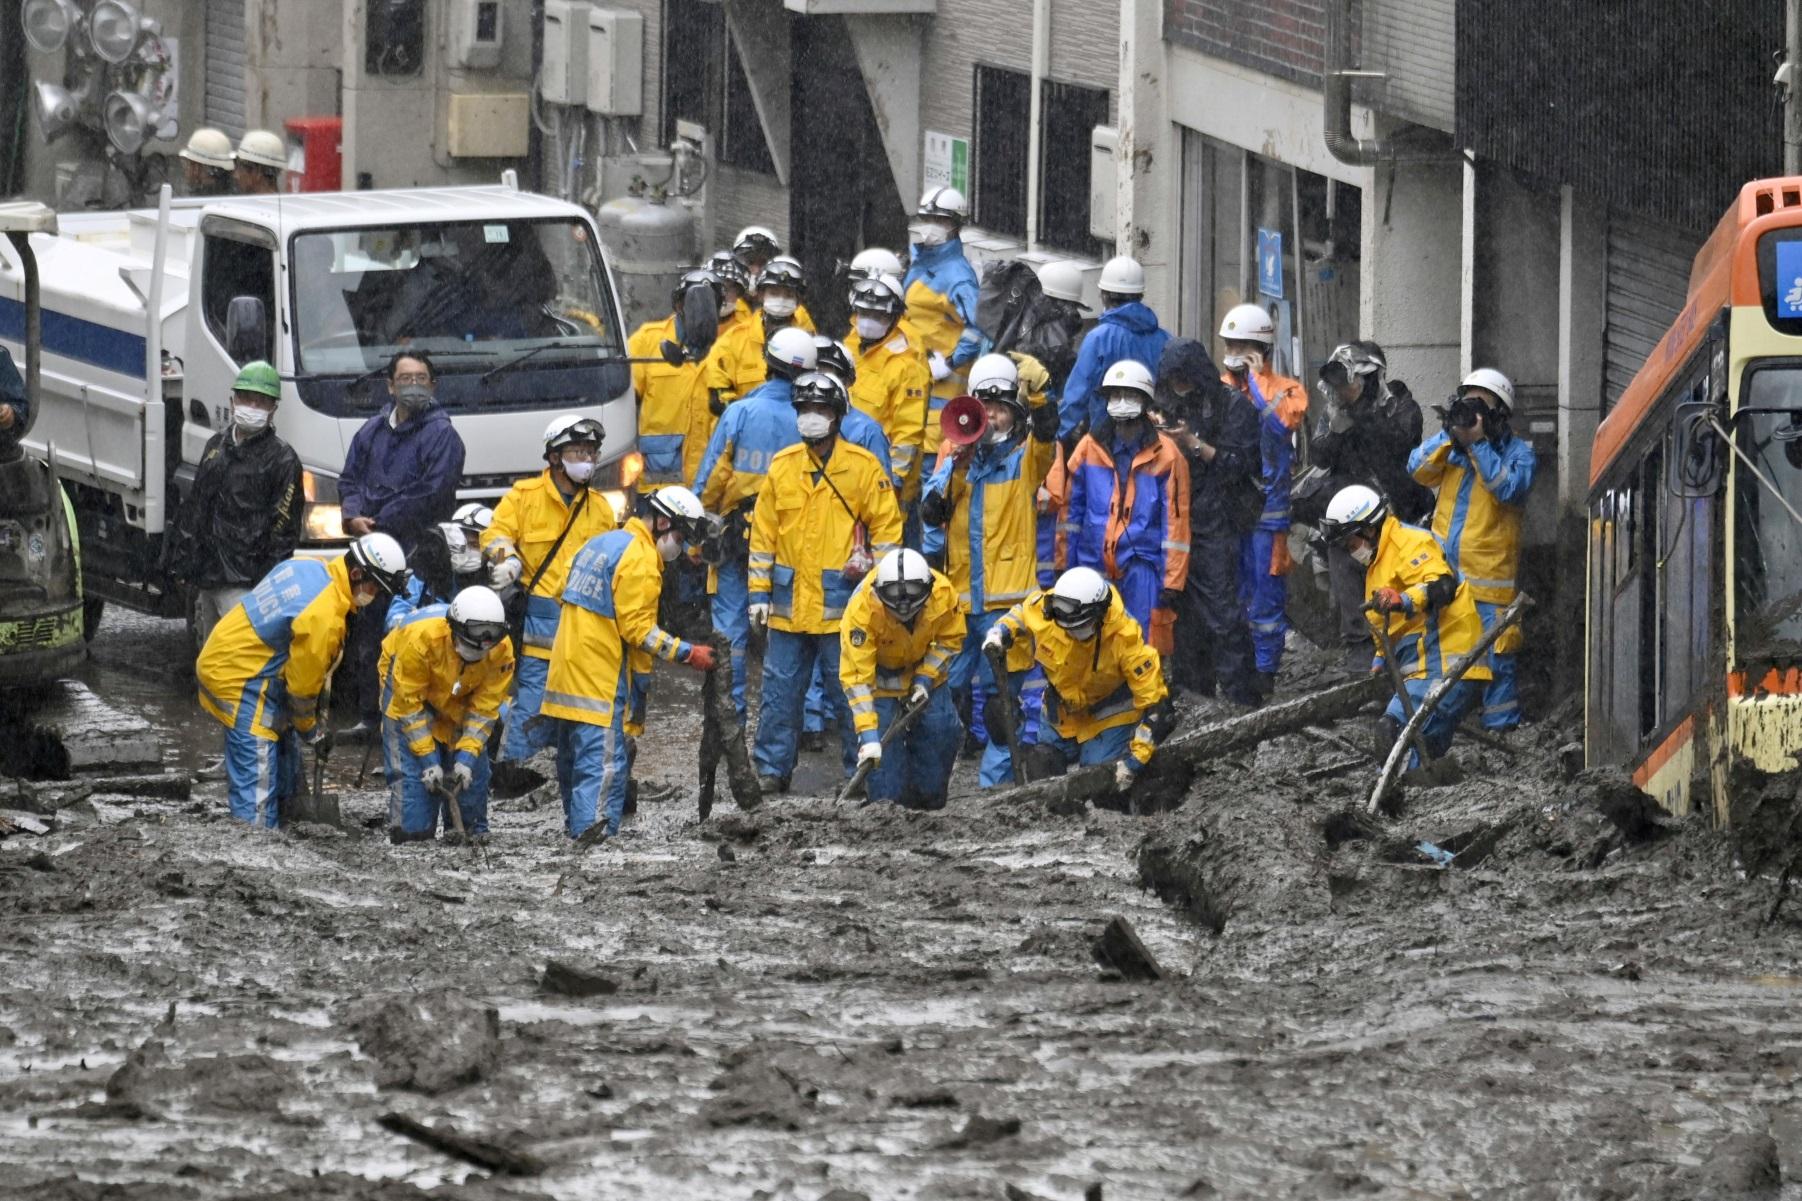 Ιαπωνία: Τέσσερις νεκροί και τουλάχιστον 64 αγνοούμενοι από τις κατολισθήσεις λάσπης